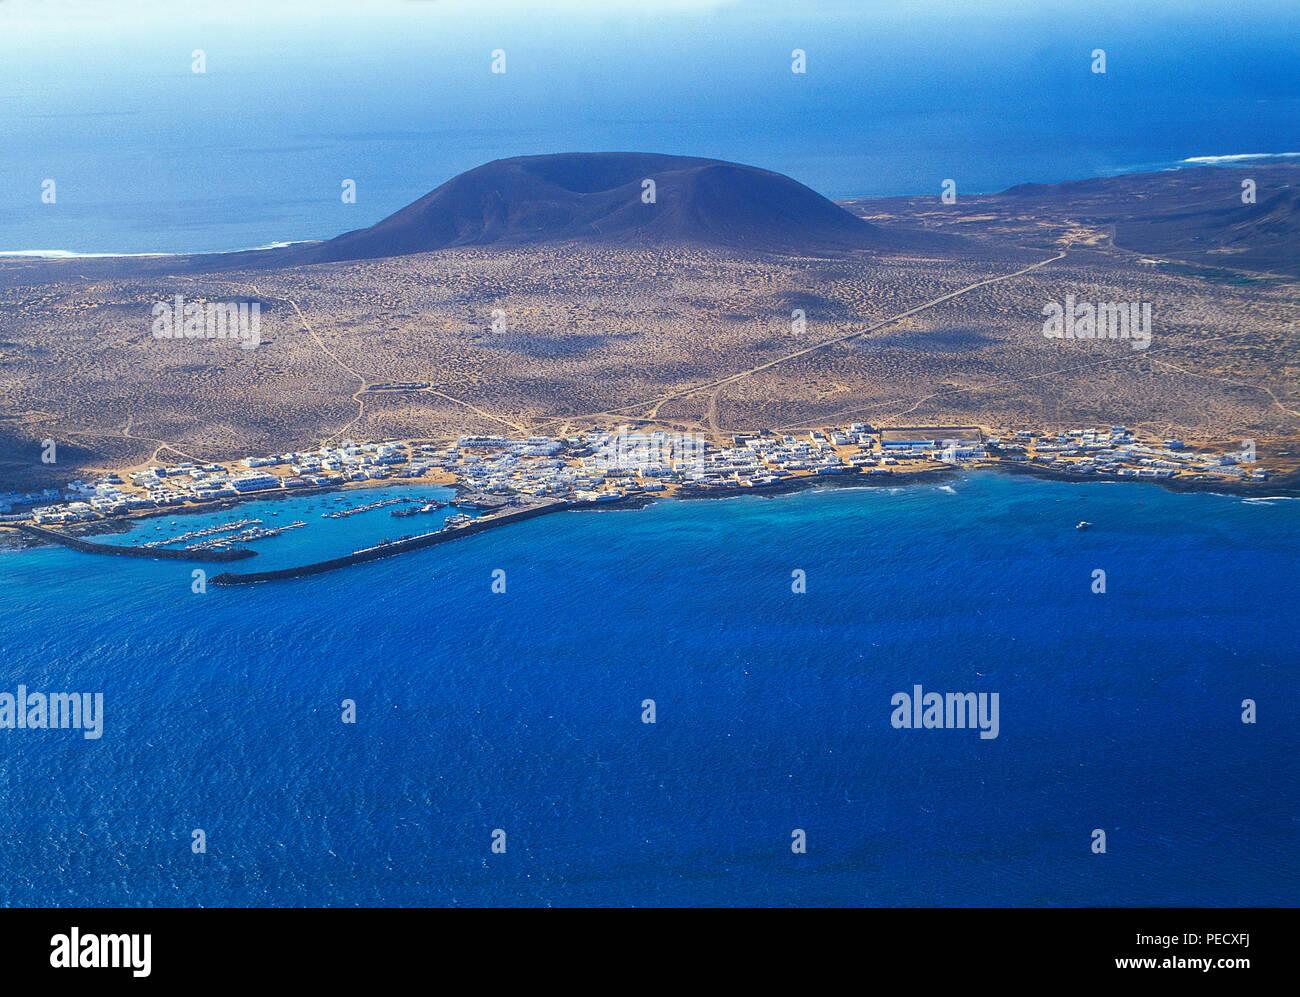 Insel La Graciosa, Blick von El Mirador. Chinijo Inseln, Kanarische Inseln, Spanien. Stockfoto